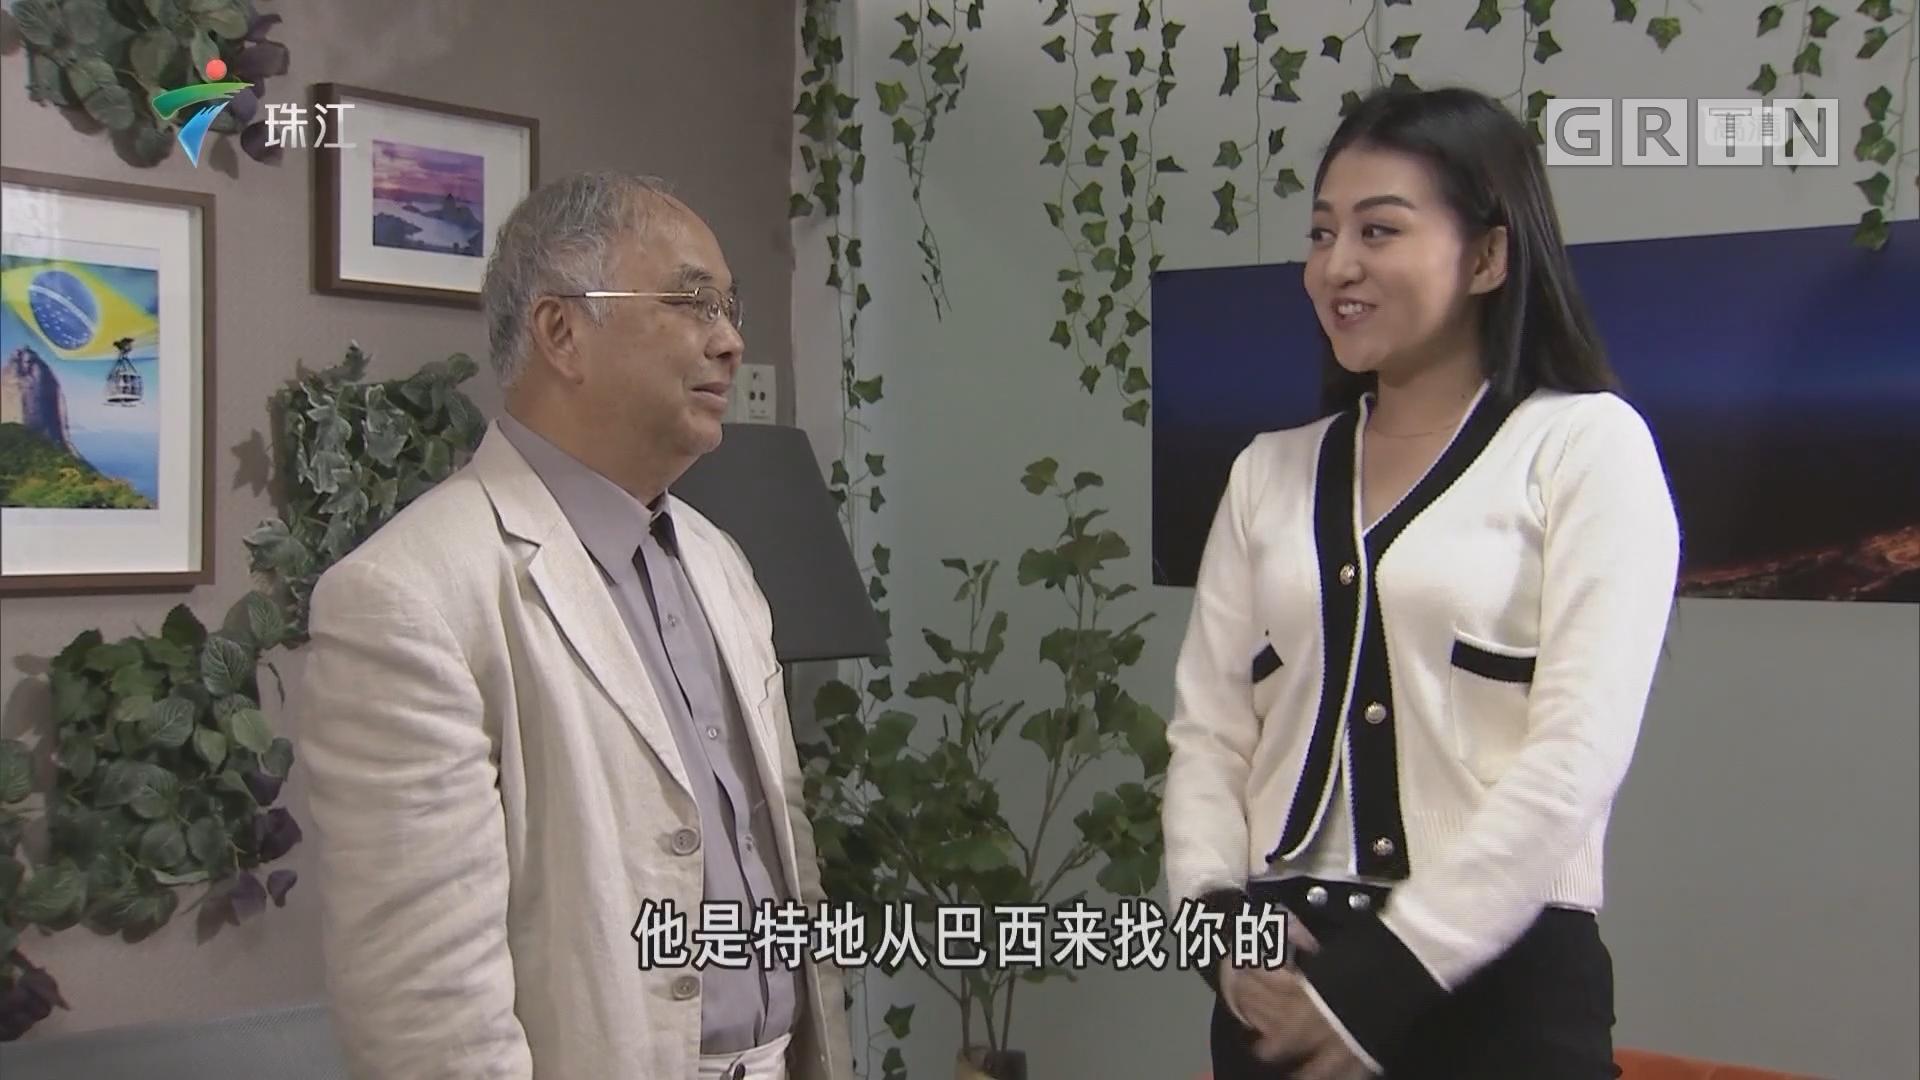 [HD][2019-02-02]外来媳妇本地郎:情愫再生(下)